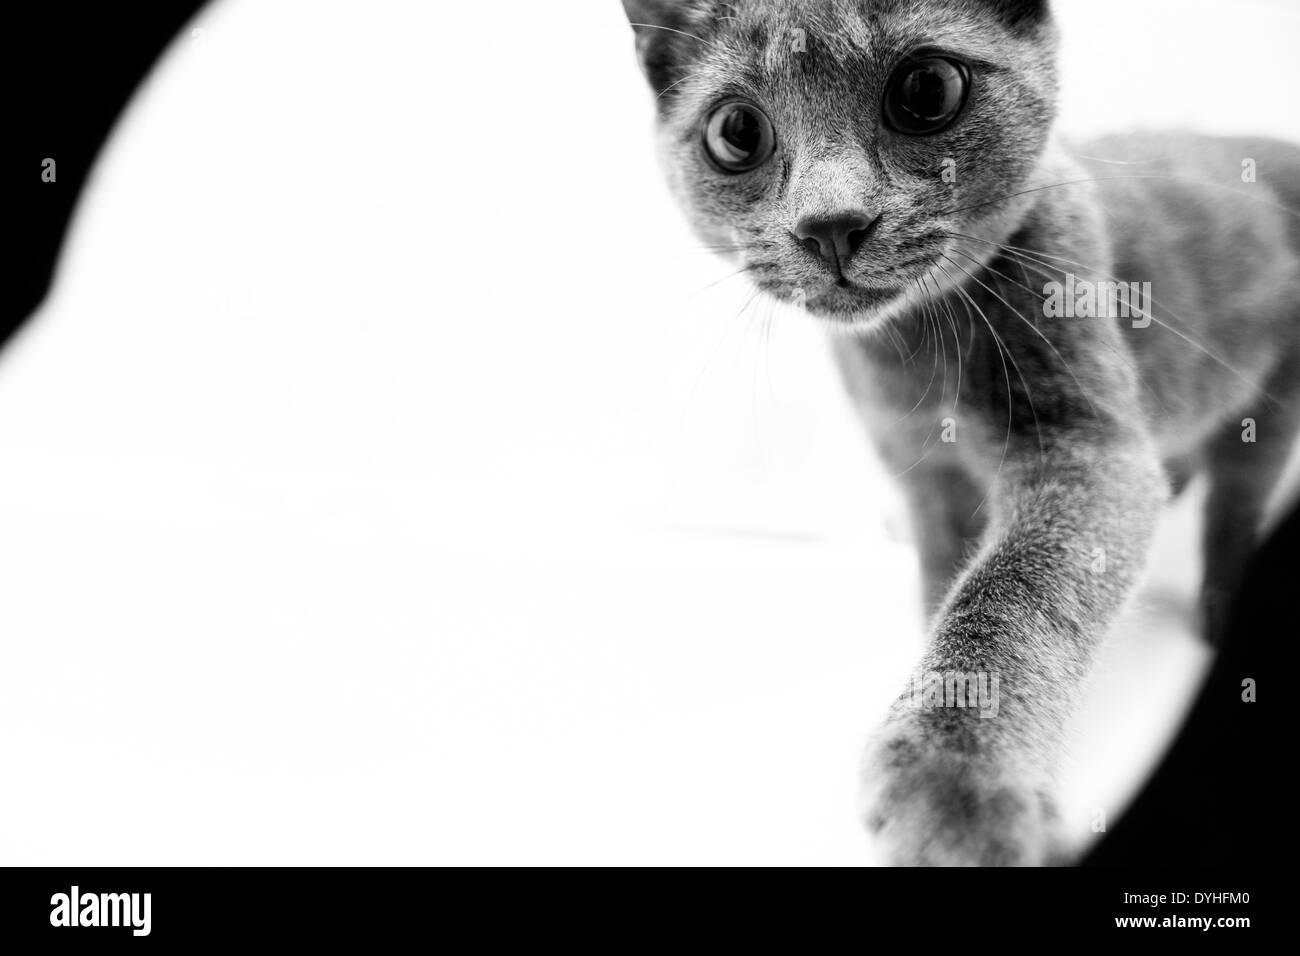 Eine graue Katze in weißem Hintergrund Stockbild